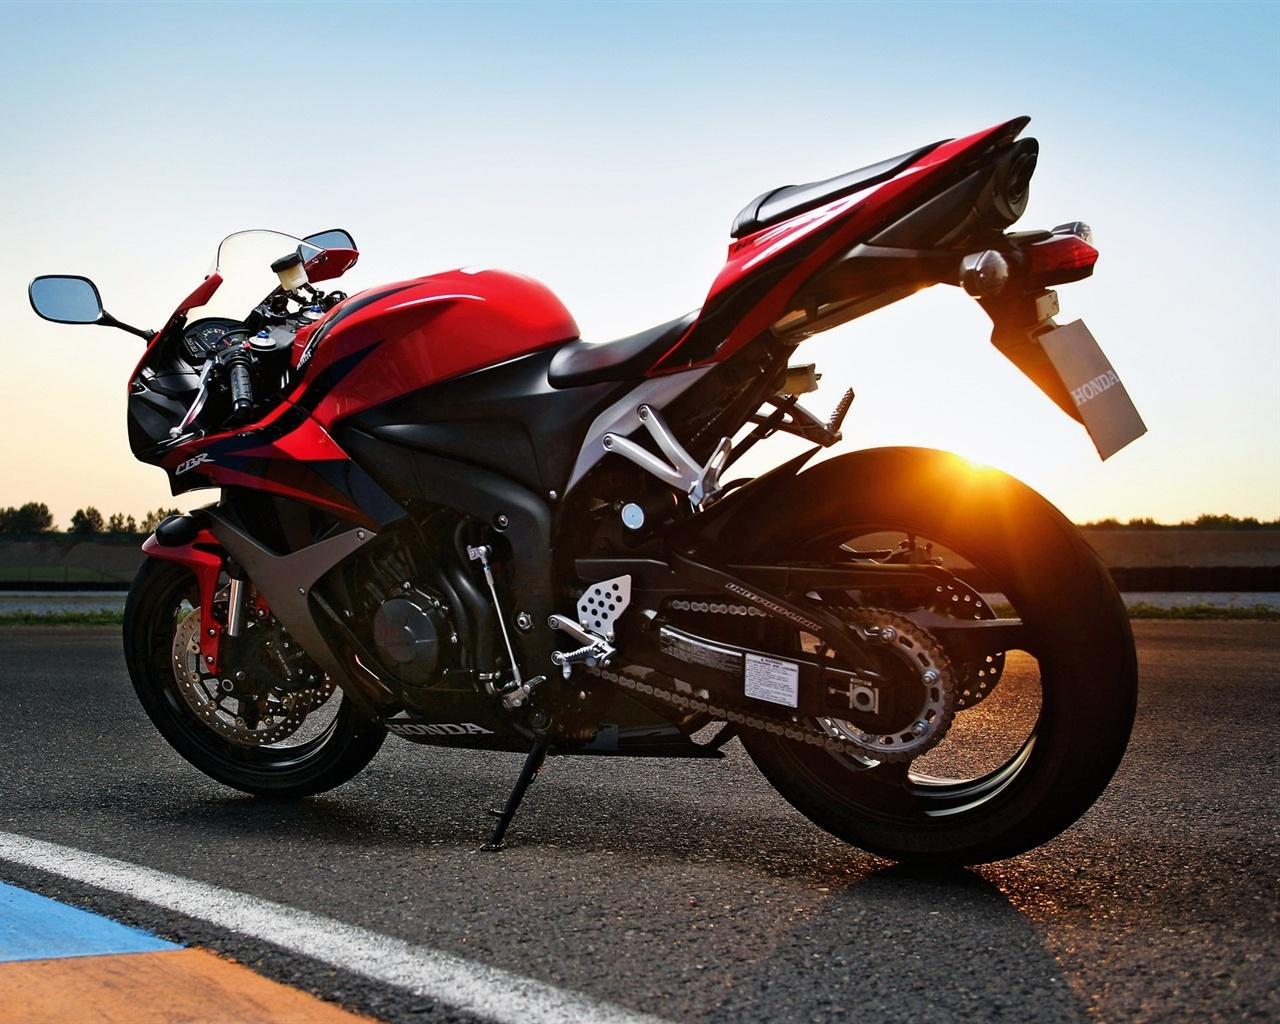 Honda Cbr Motorcycle 4k Hd Desktop Wallpaper For 4k Ultra: Honda CBR 2011 Motorrad 1920x1200 HD Hintergrundbilder, HD